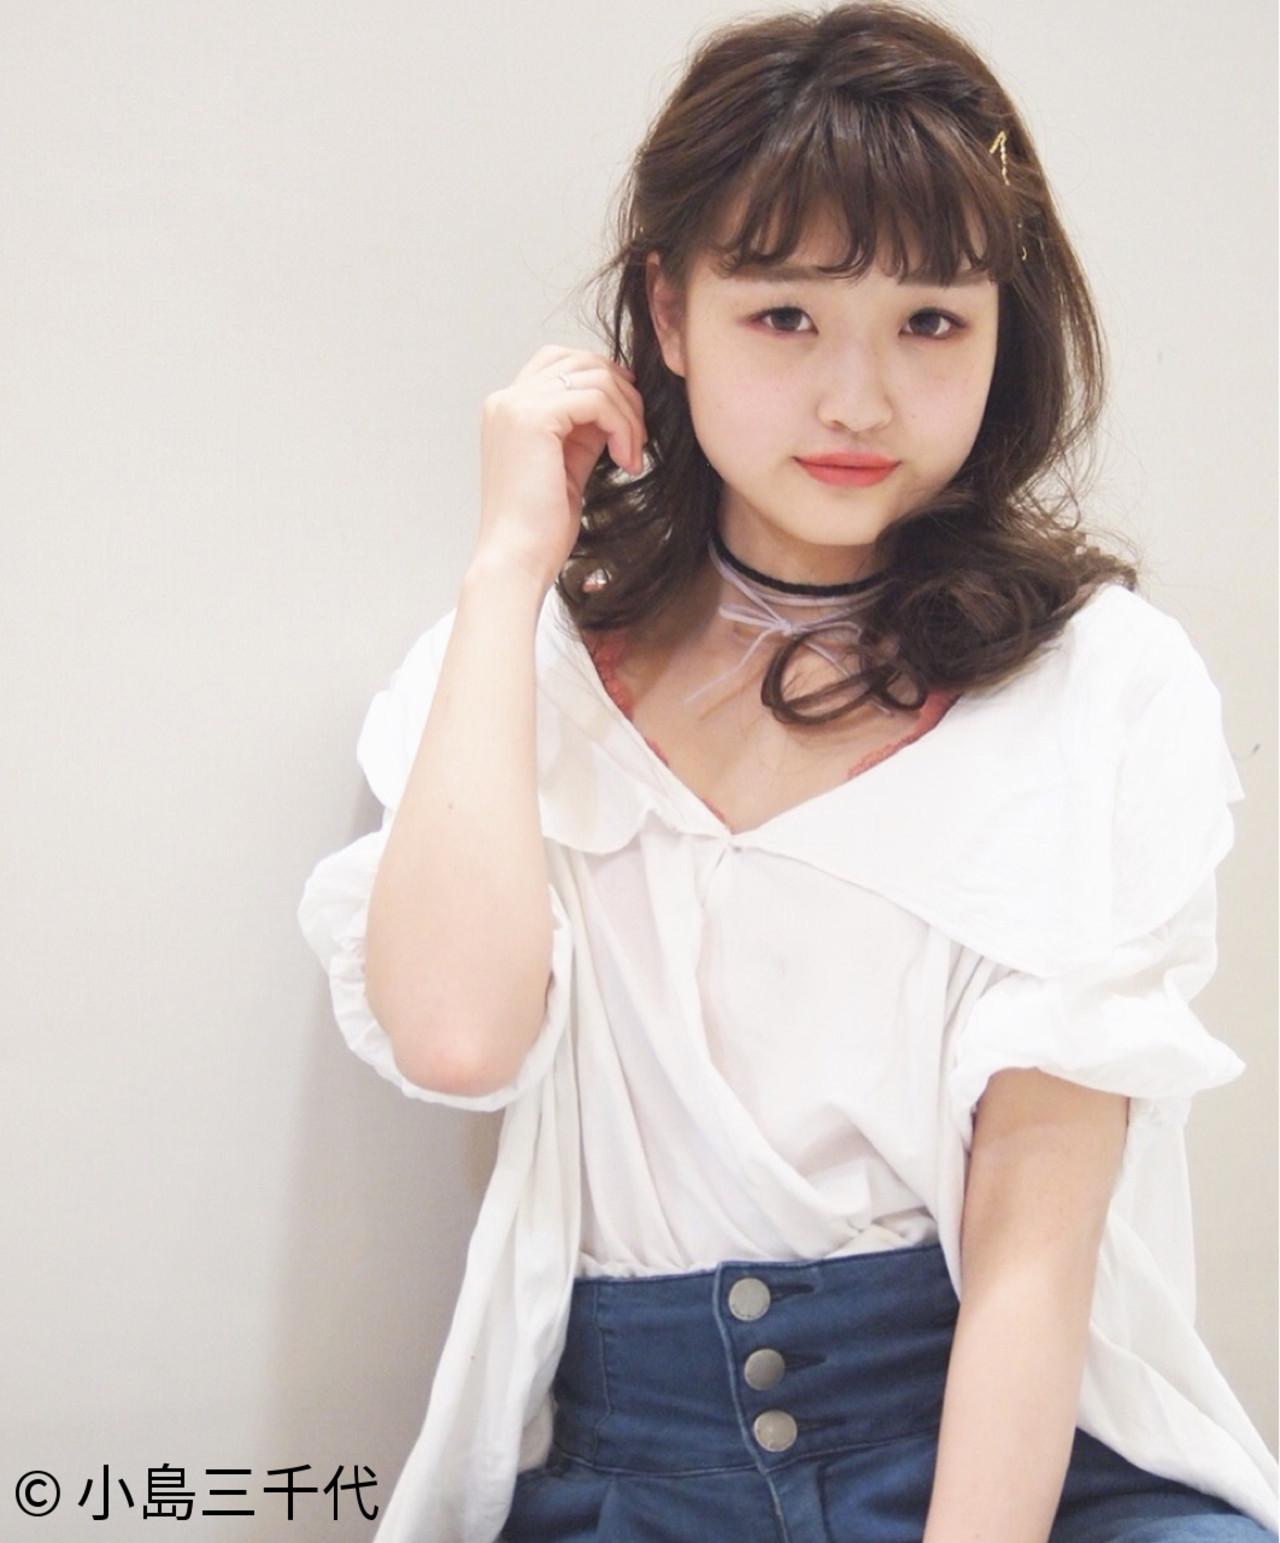 前髪のかわいいピンの留め方はこれ♡ 小島三千代